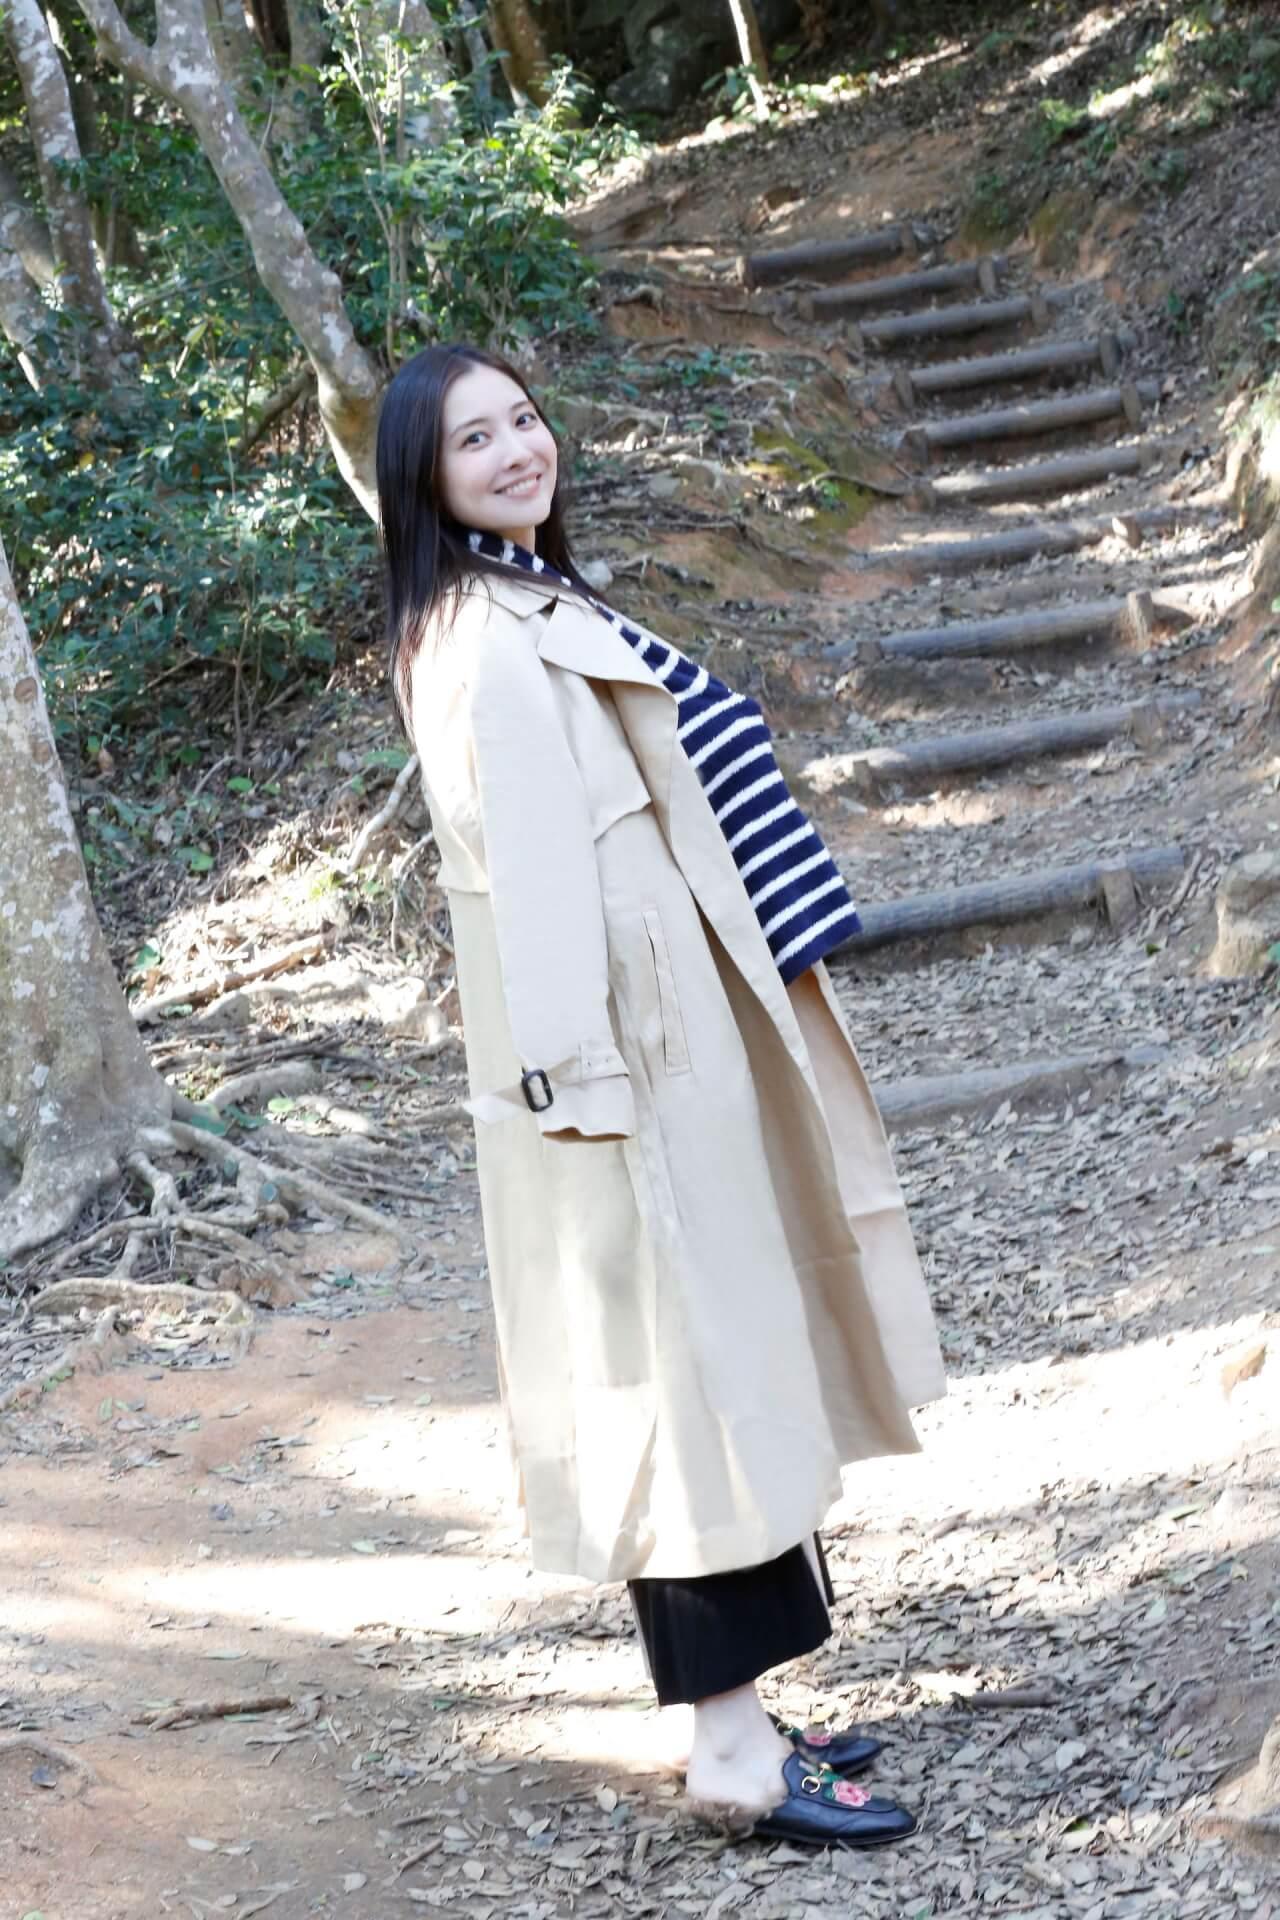 今週号『FLASH』にはアダルトなセクシーさで魅了する大石絵理の女子旅グラビアがたっぷり収録!表紙には新川優愛が登場 art201201_flash_6